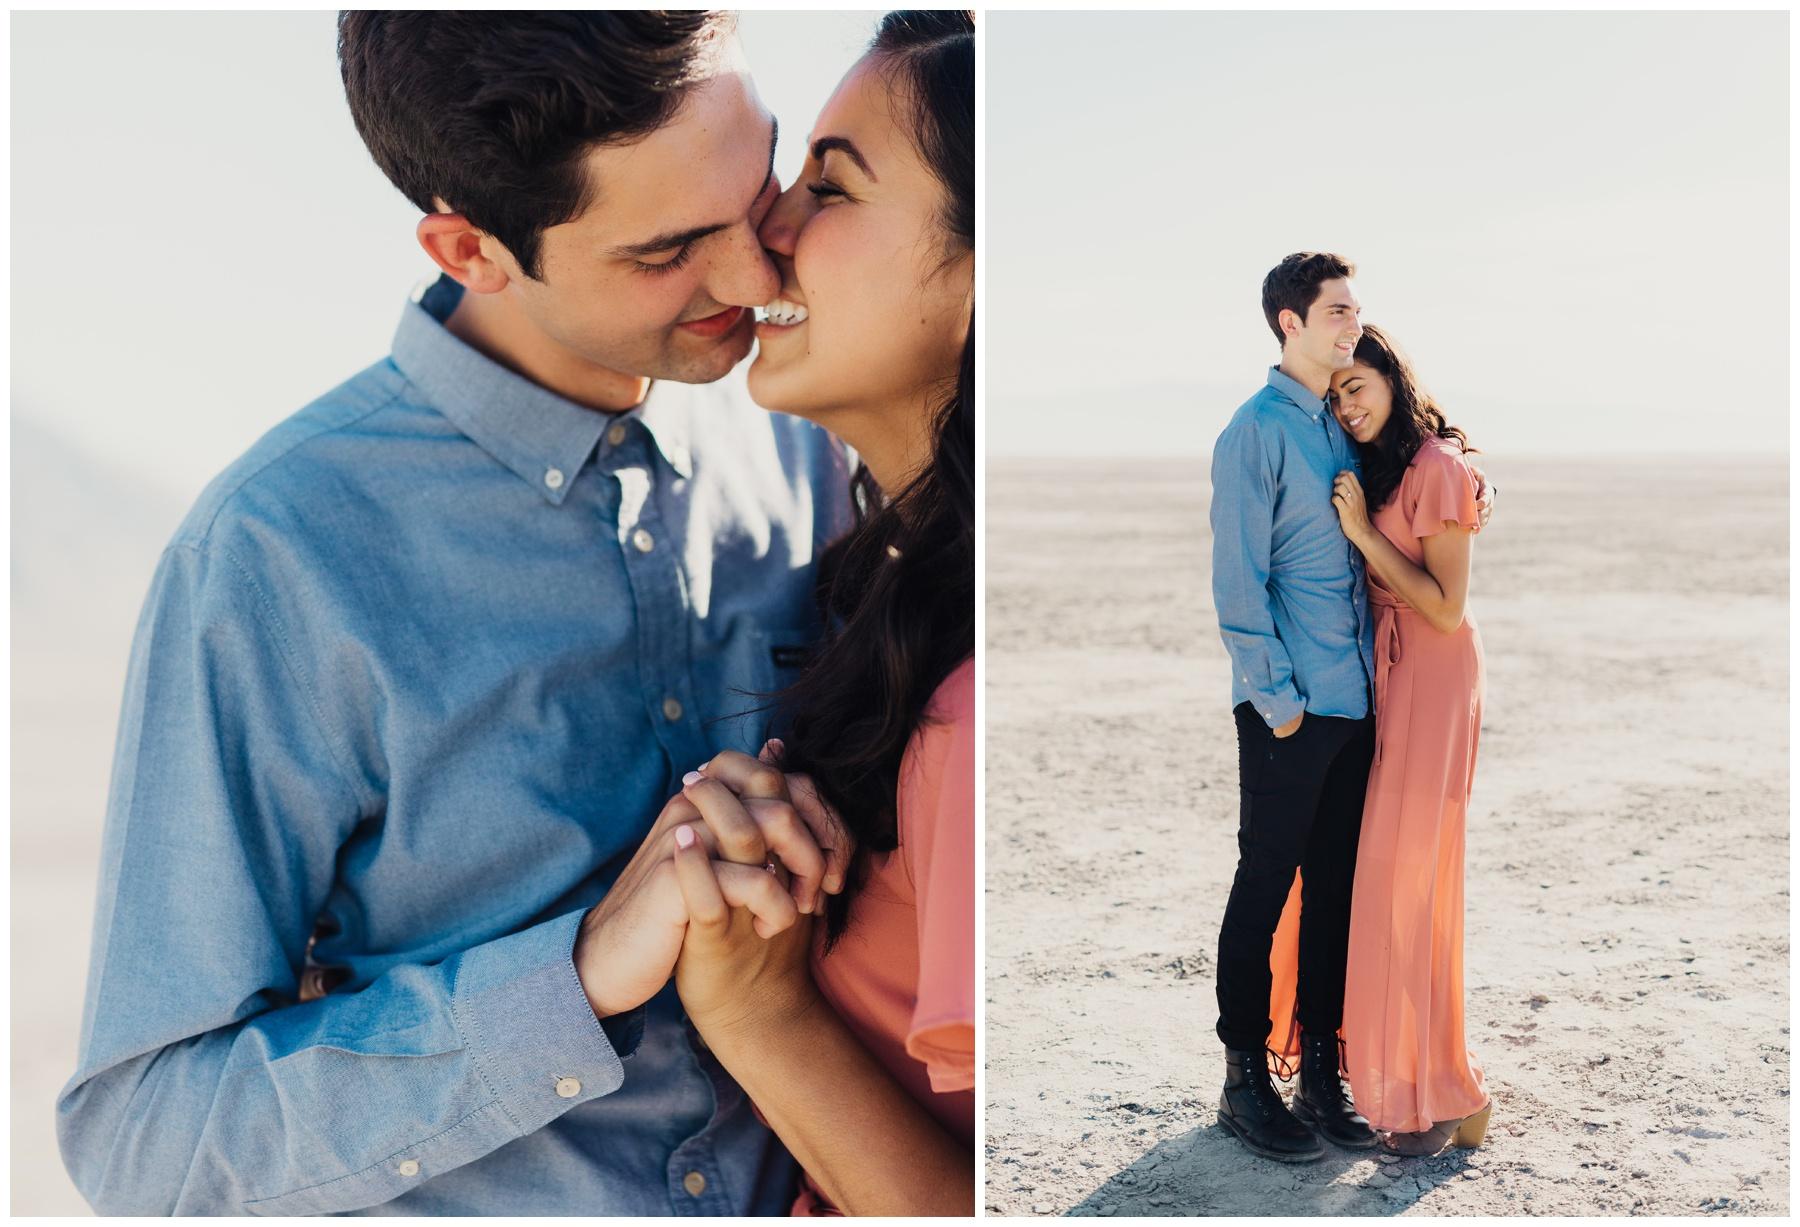 best engagement portrait photographer in slc